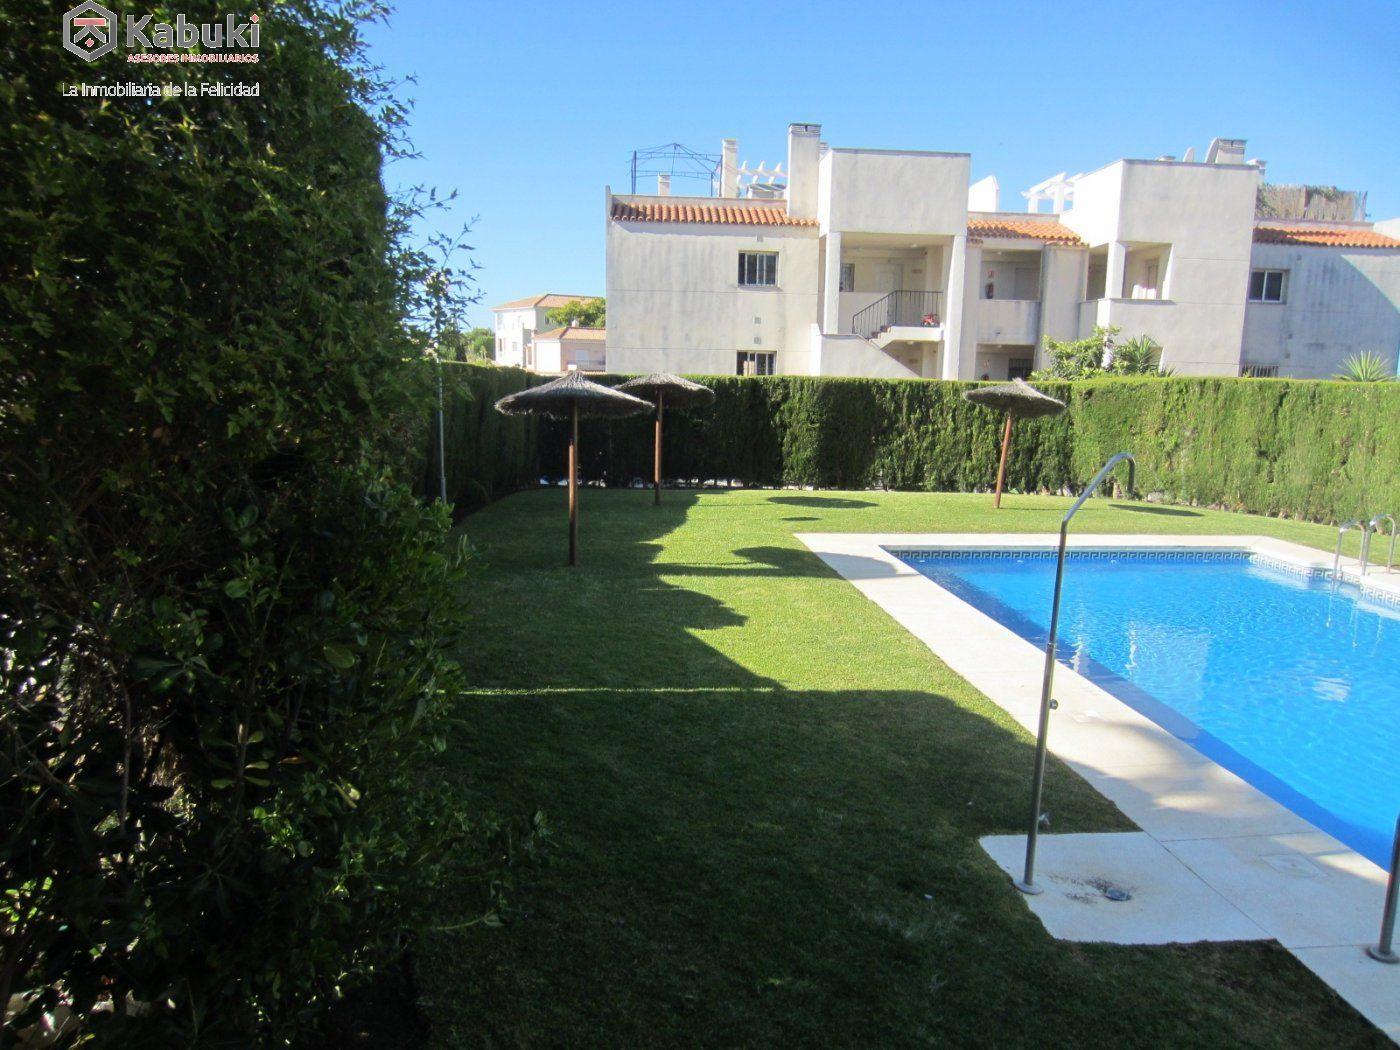 Coqueto apartamento en mijas, a un paso del mar. en urbanización con piscina. - imagenInmueble28